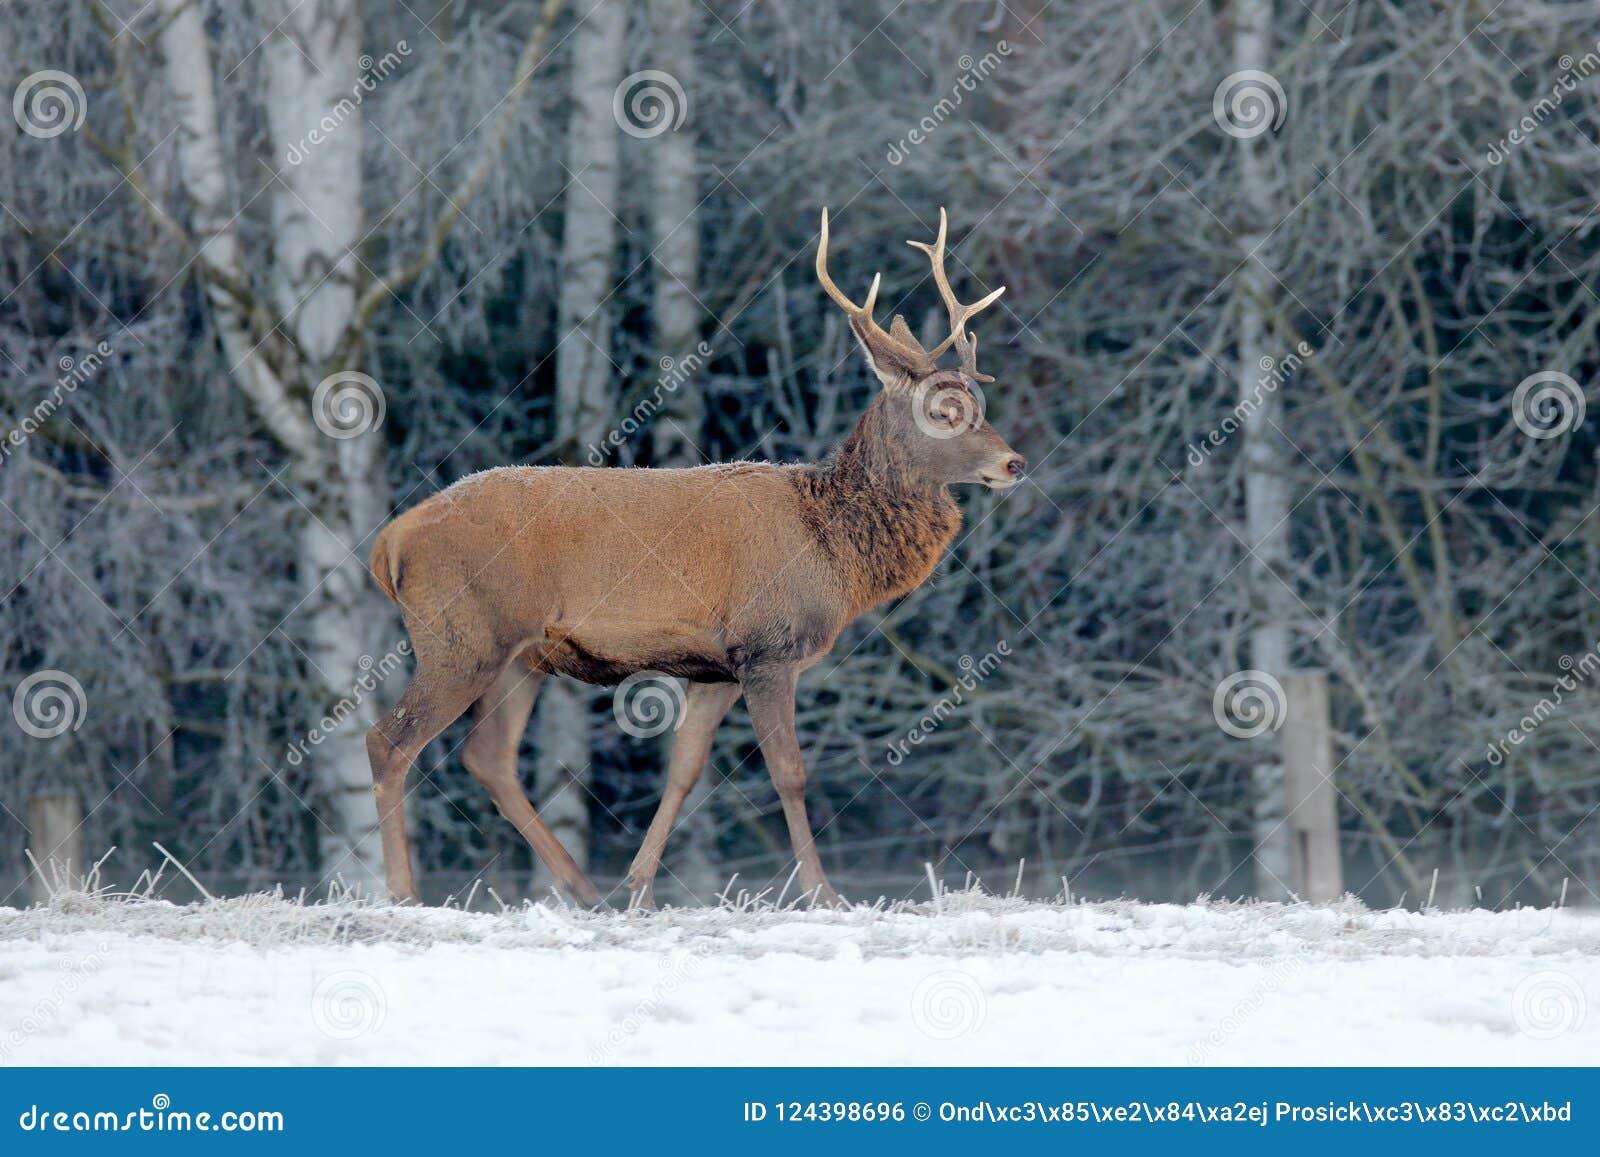 Κόκκινο αρσενικό ελάφι ελαφιών, μεγαλοπρεπές ισχυρό ενήλικο ζώο με τα ελαφόκερες έξω από το χειμερινό δάσος, τσεχικά Άγρια φύση α